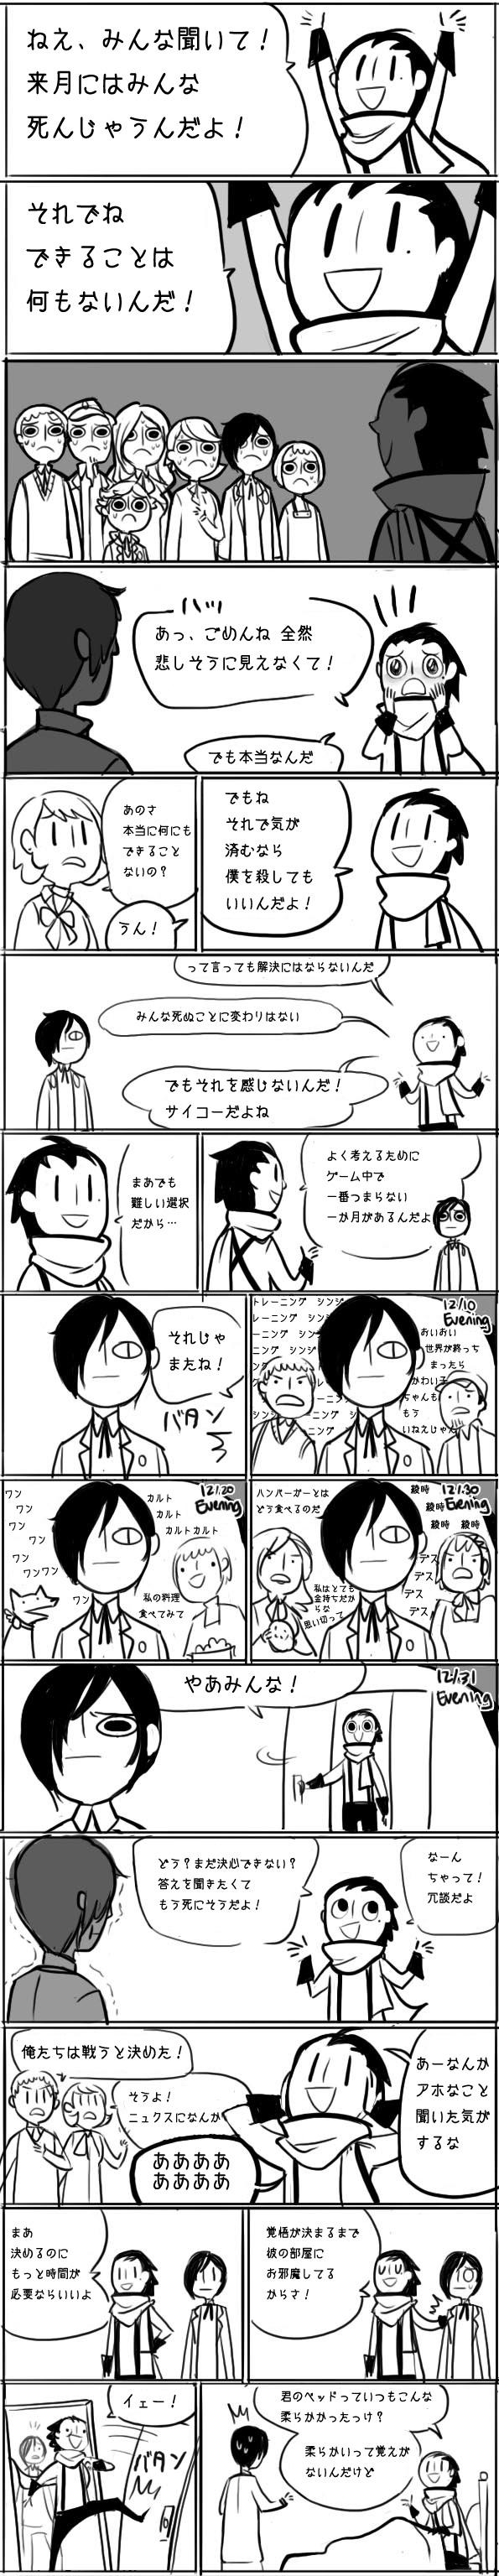 ryoji1.jpg